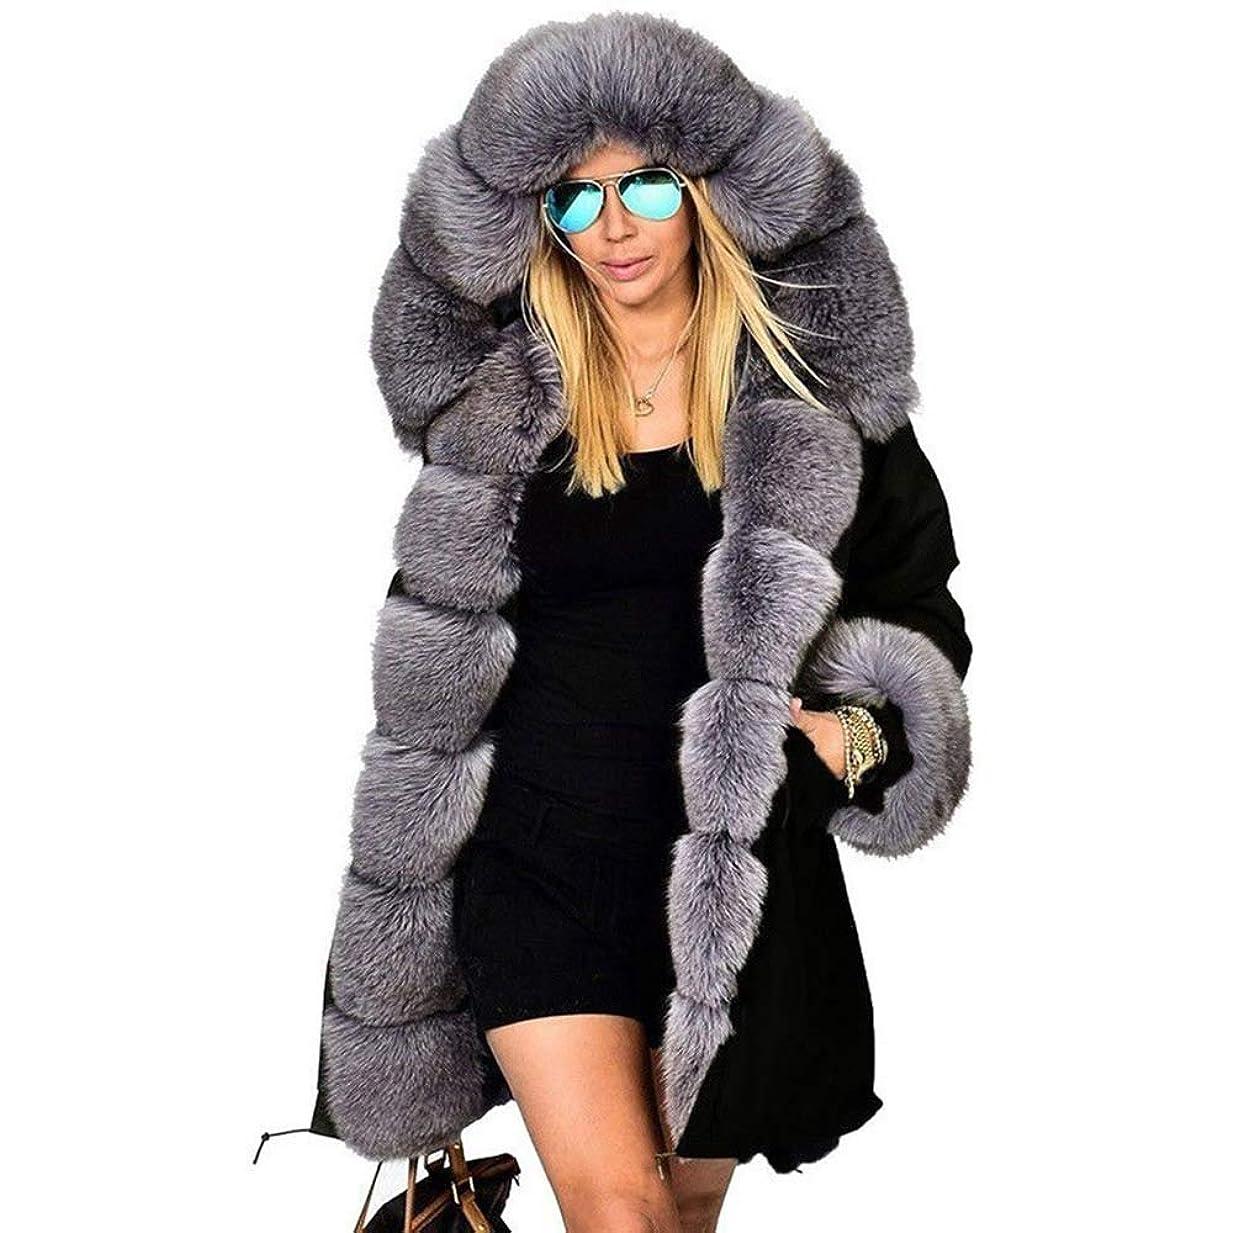 文明化するクールキャンペーンファッションウィメンズジャケット女性ウォームコートフェイクファーコットンオーバーコート女性ロングフードコートパーカー,XXL